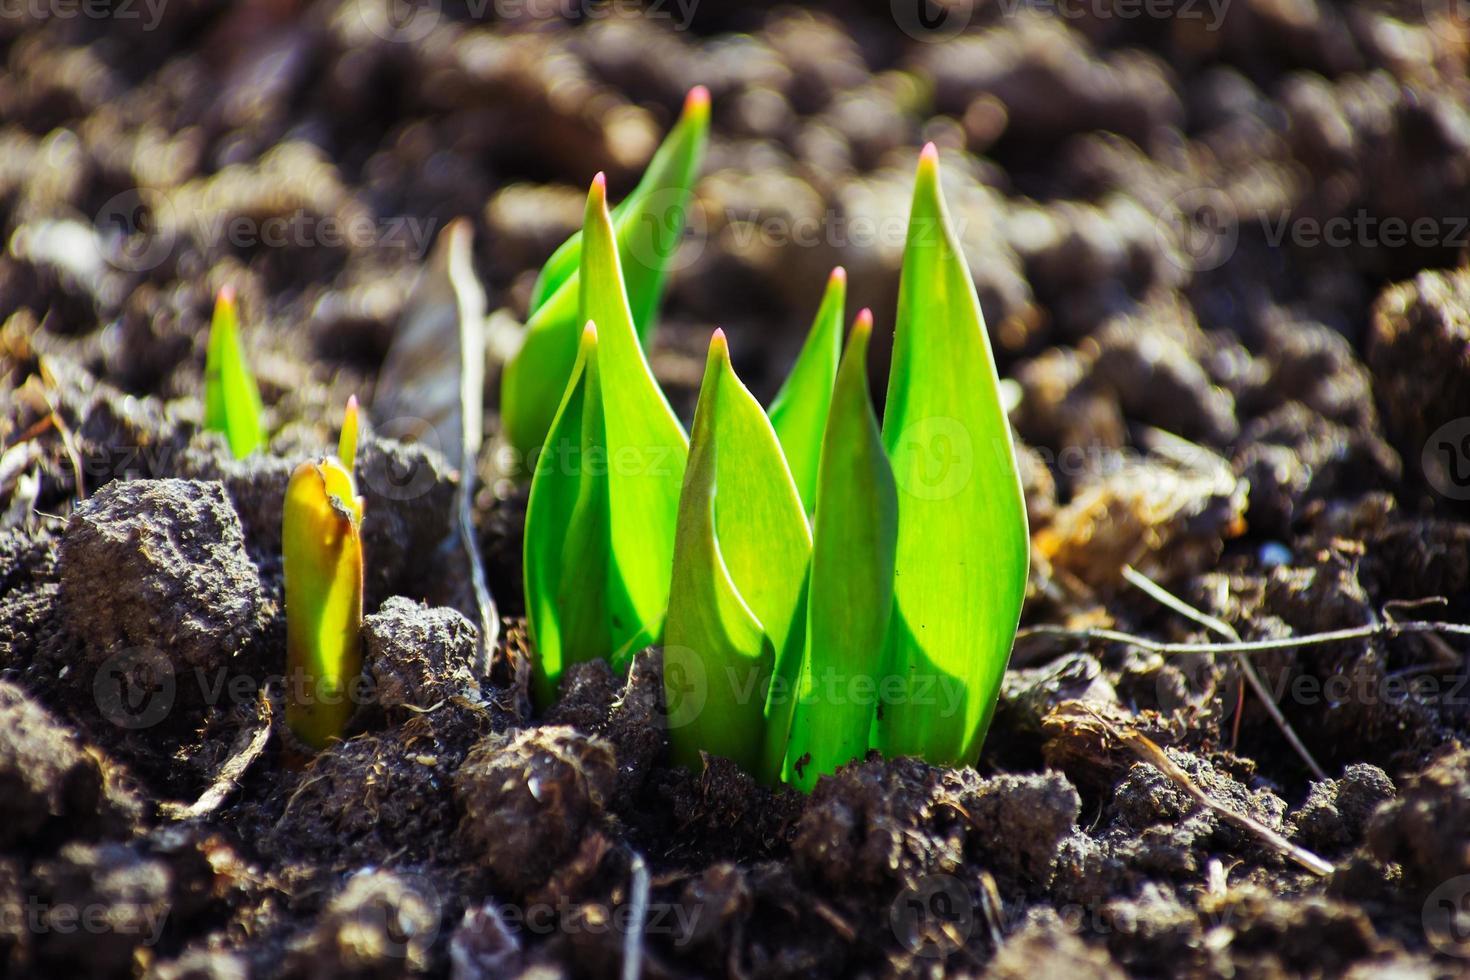 visão macro do broto crescendo a partir de sementes, conceito de primavera foto